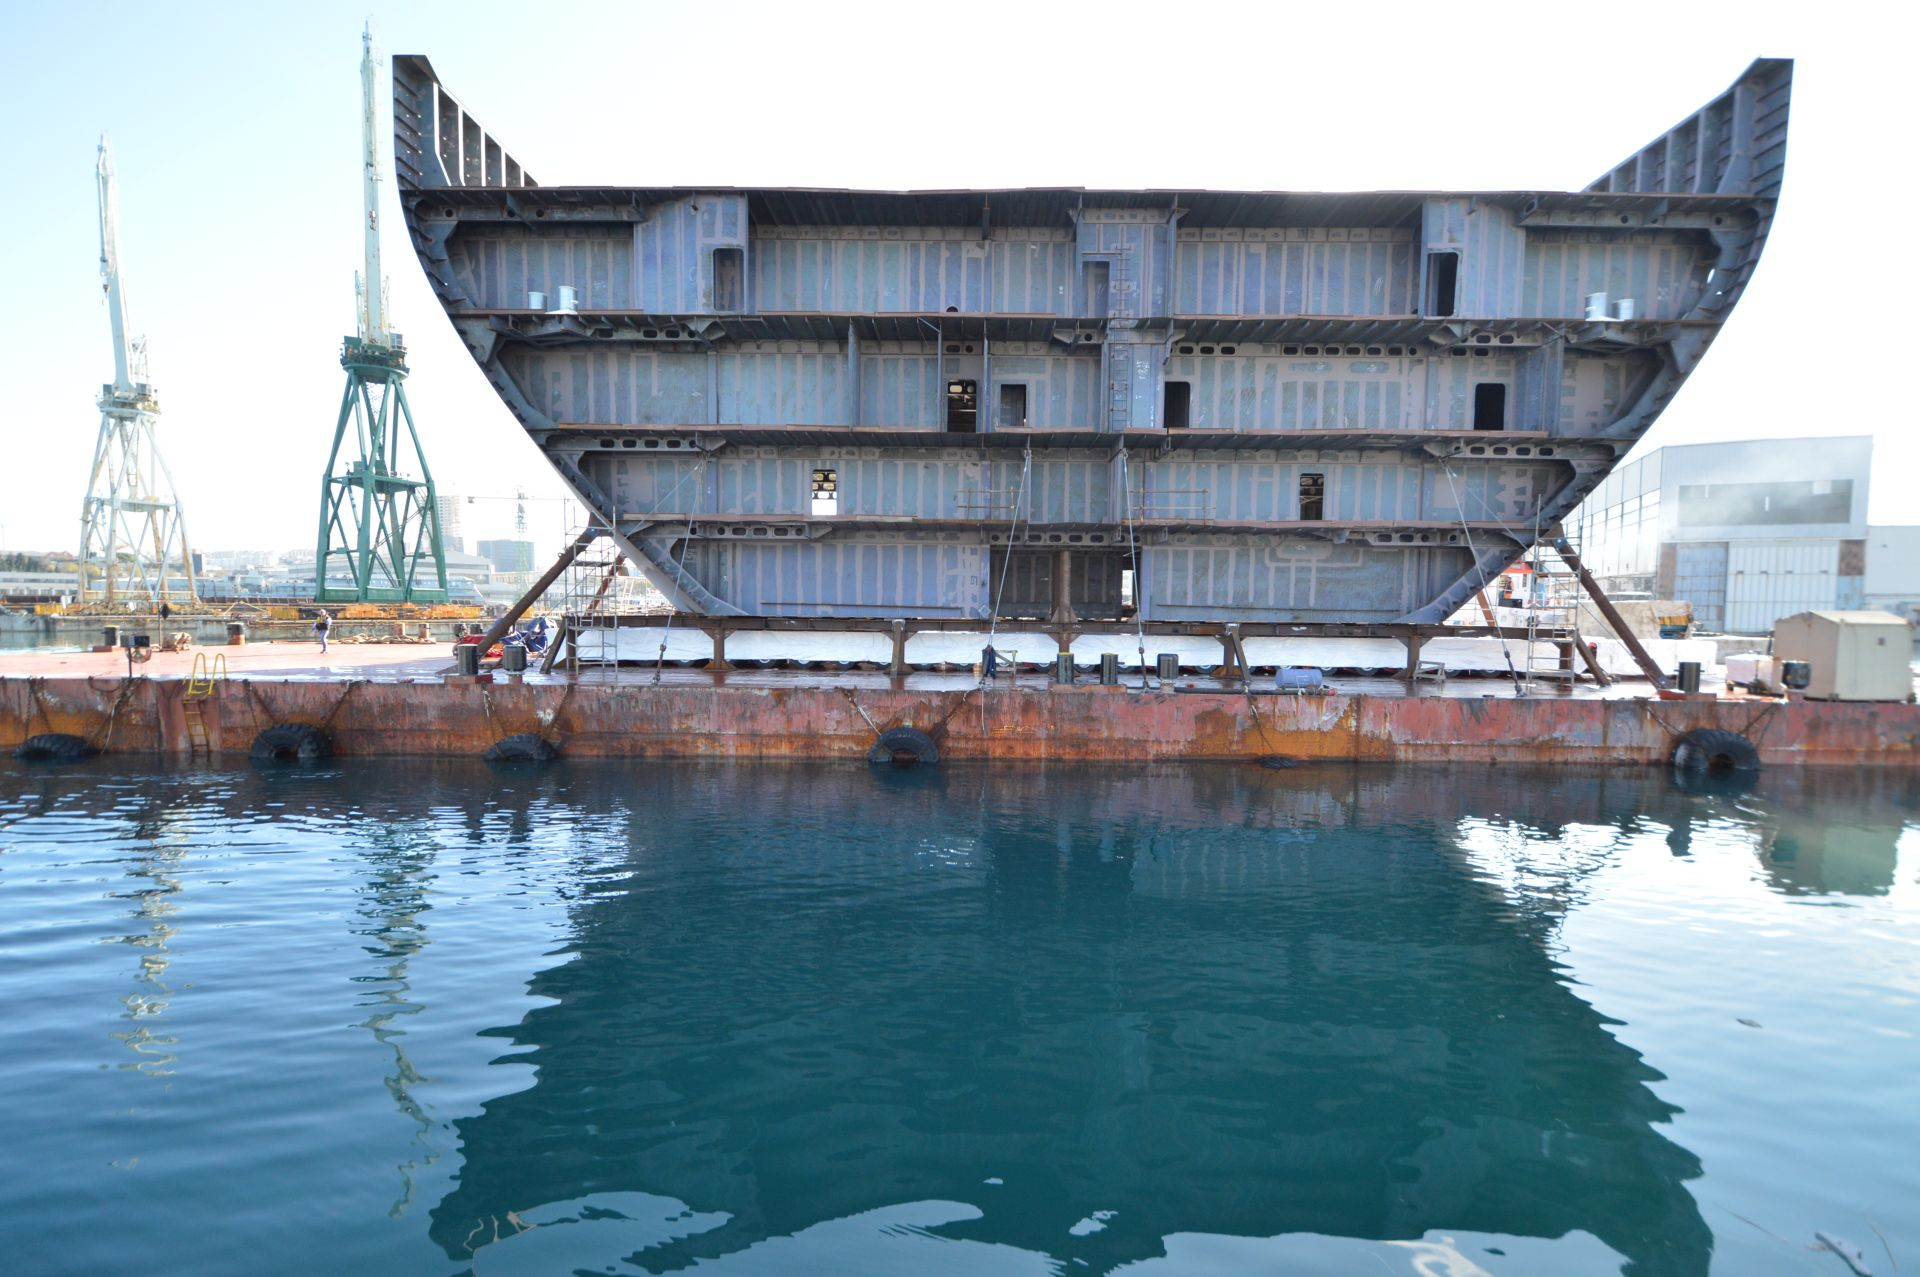 Danas je iz Brodosplita isplovila nova barža sa mega sekcijom za grupaciju Fincantieri